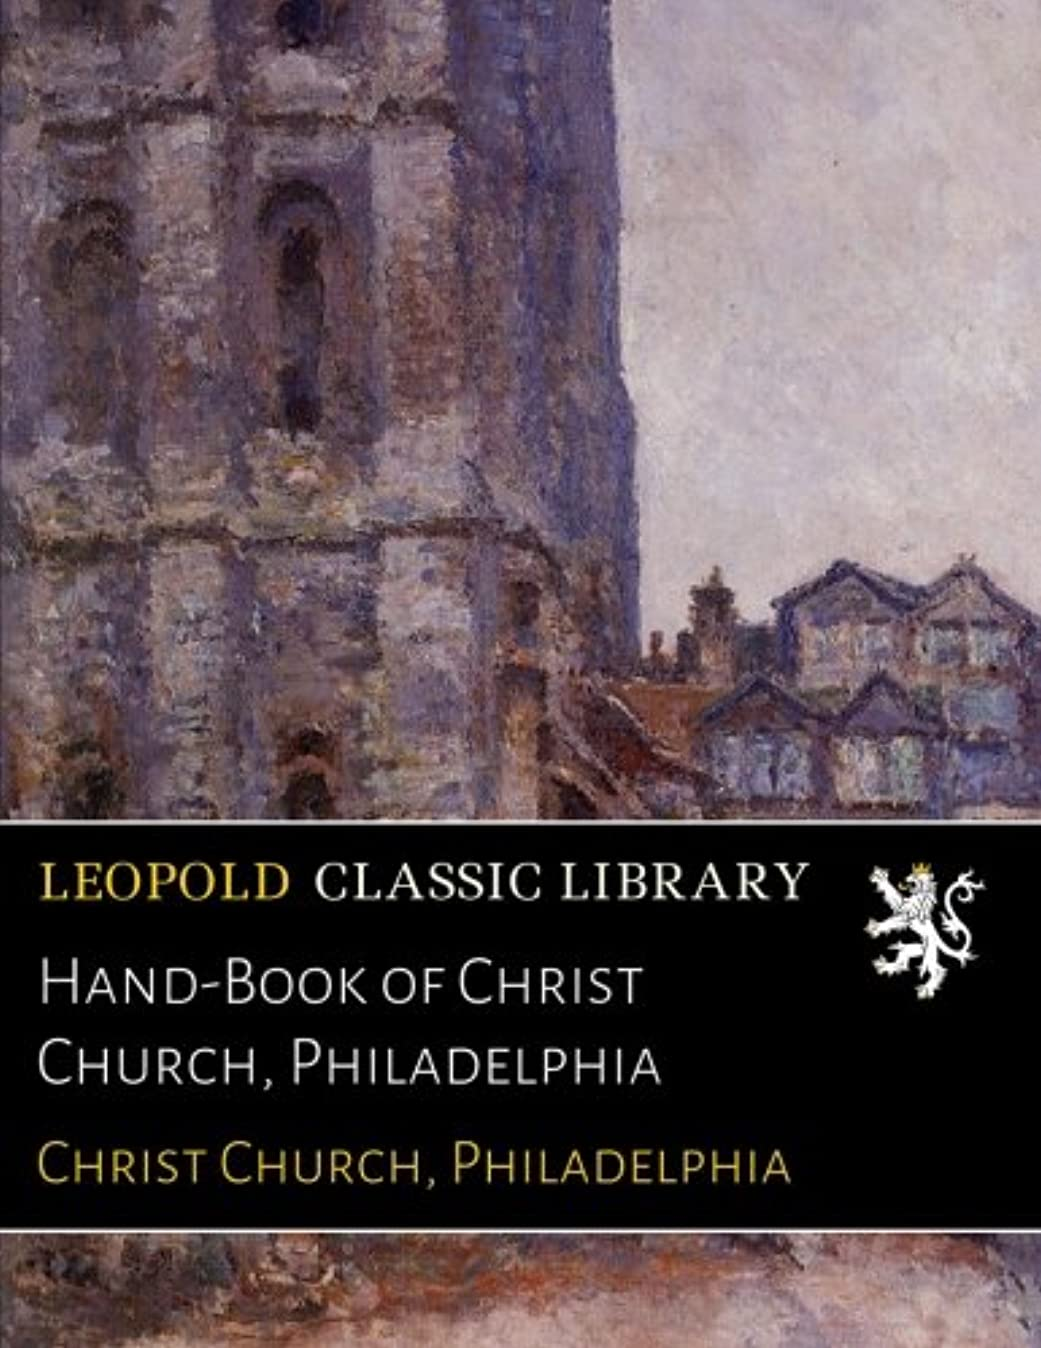 砂漠バットボランティアHand-Book of Christ Church, Philadelphia